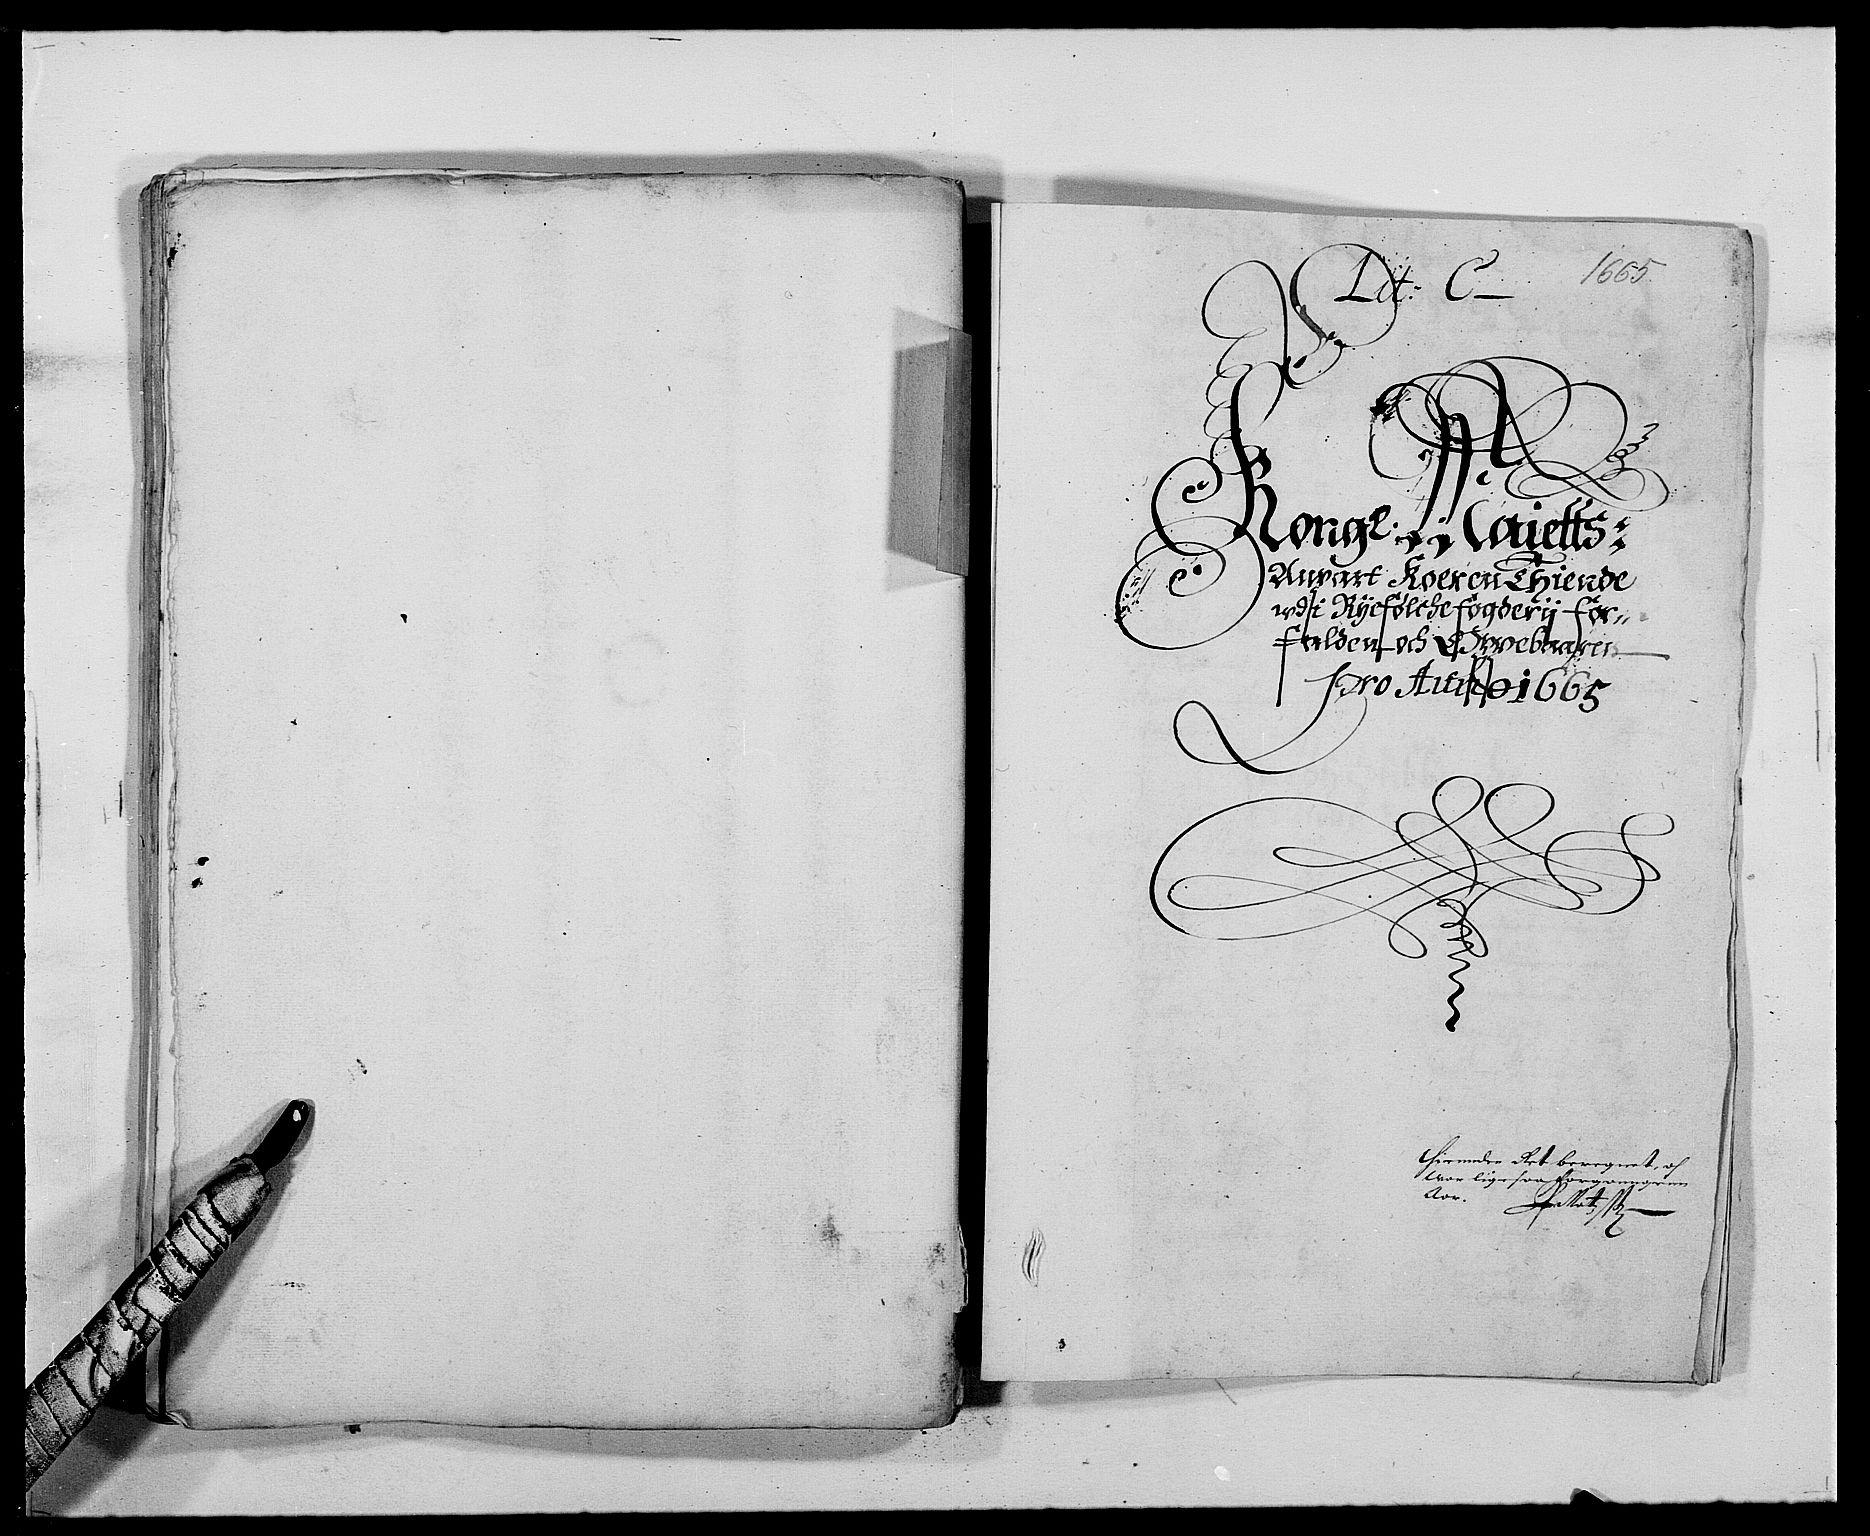 RA, Rentekammeret inntil 1814, Reviderte regnskaper, Fogderegnskap, R47/L2839: Fogderegnskap Ryfylke, 1665-1669, s. 67